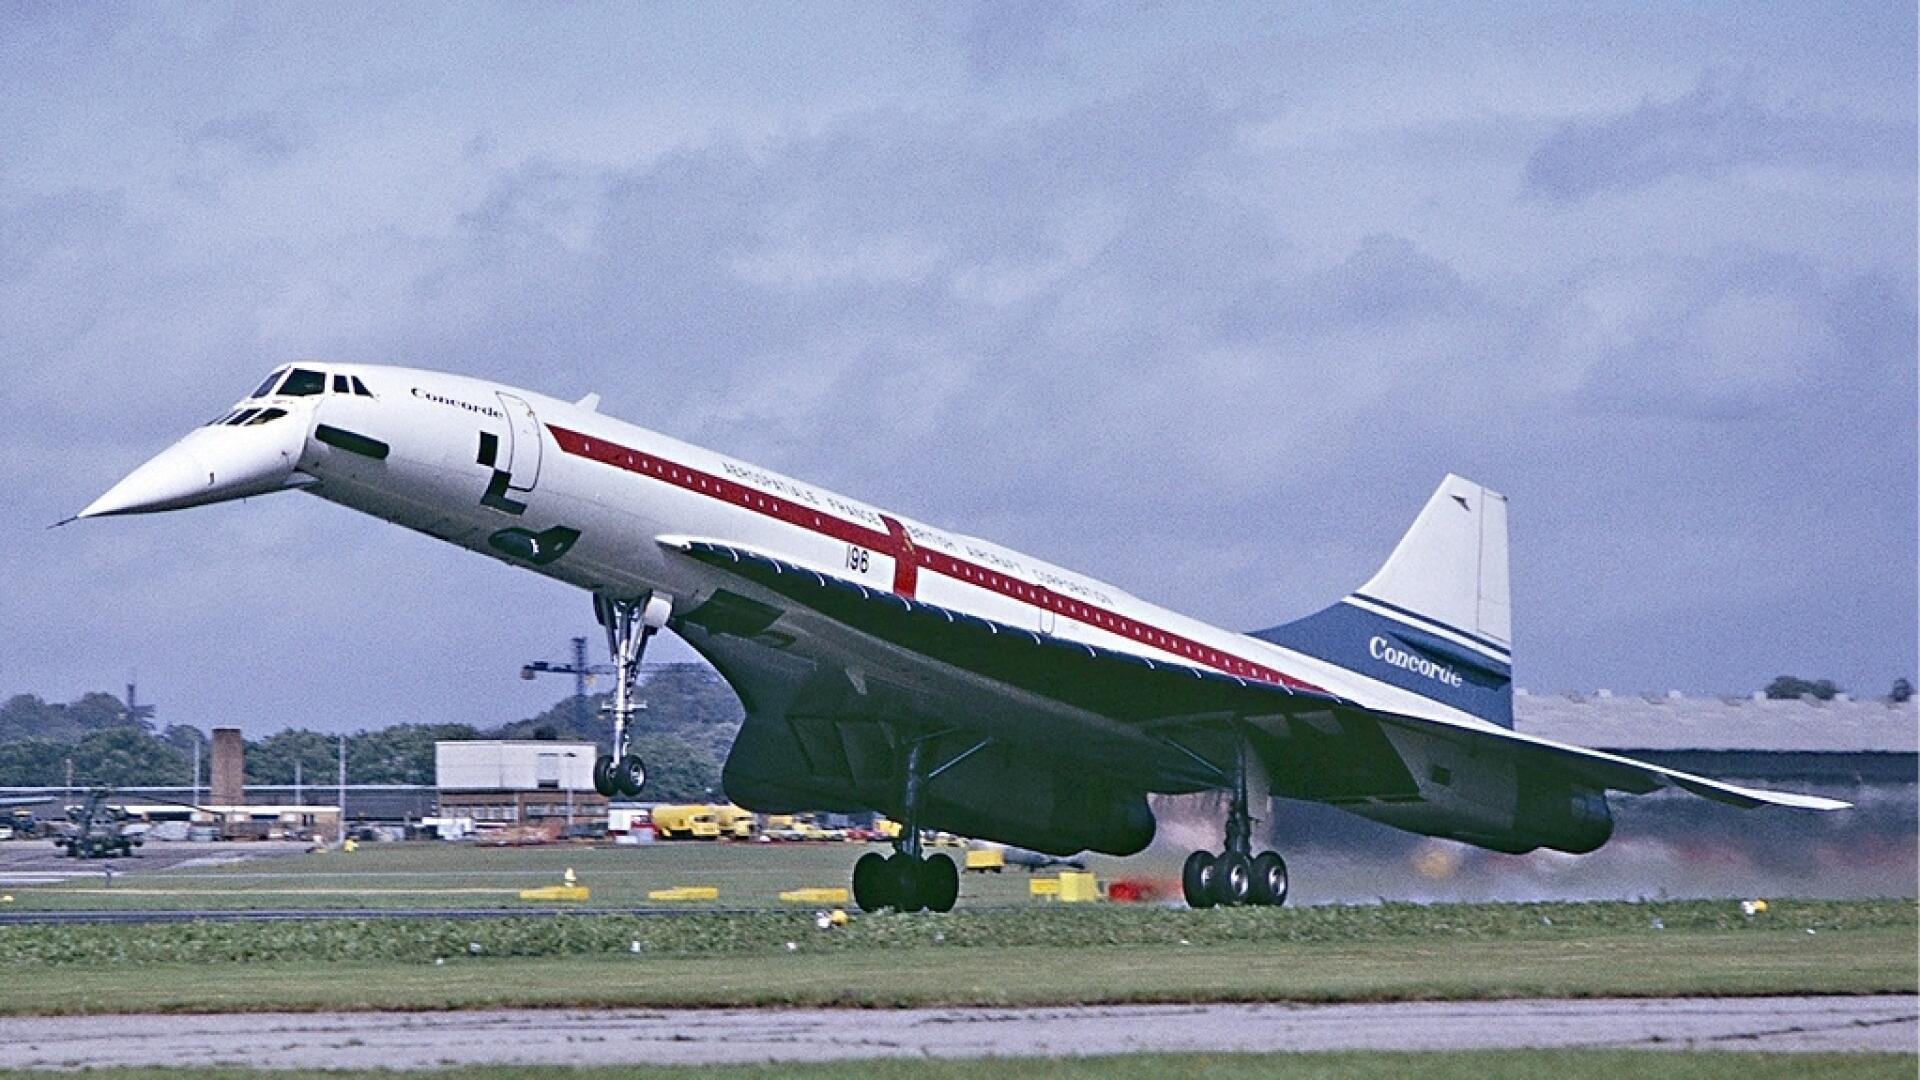 Concorde samolot naddźwiękowy